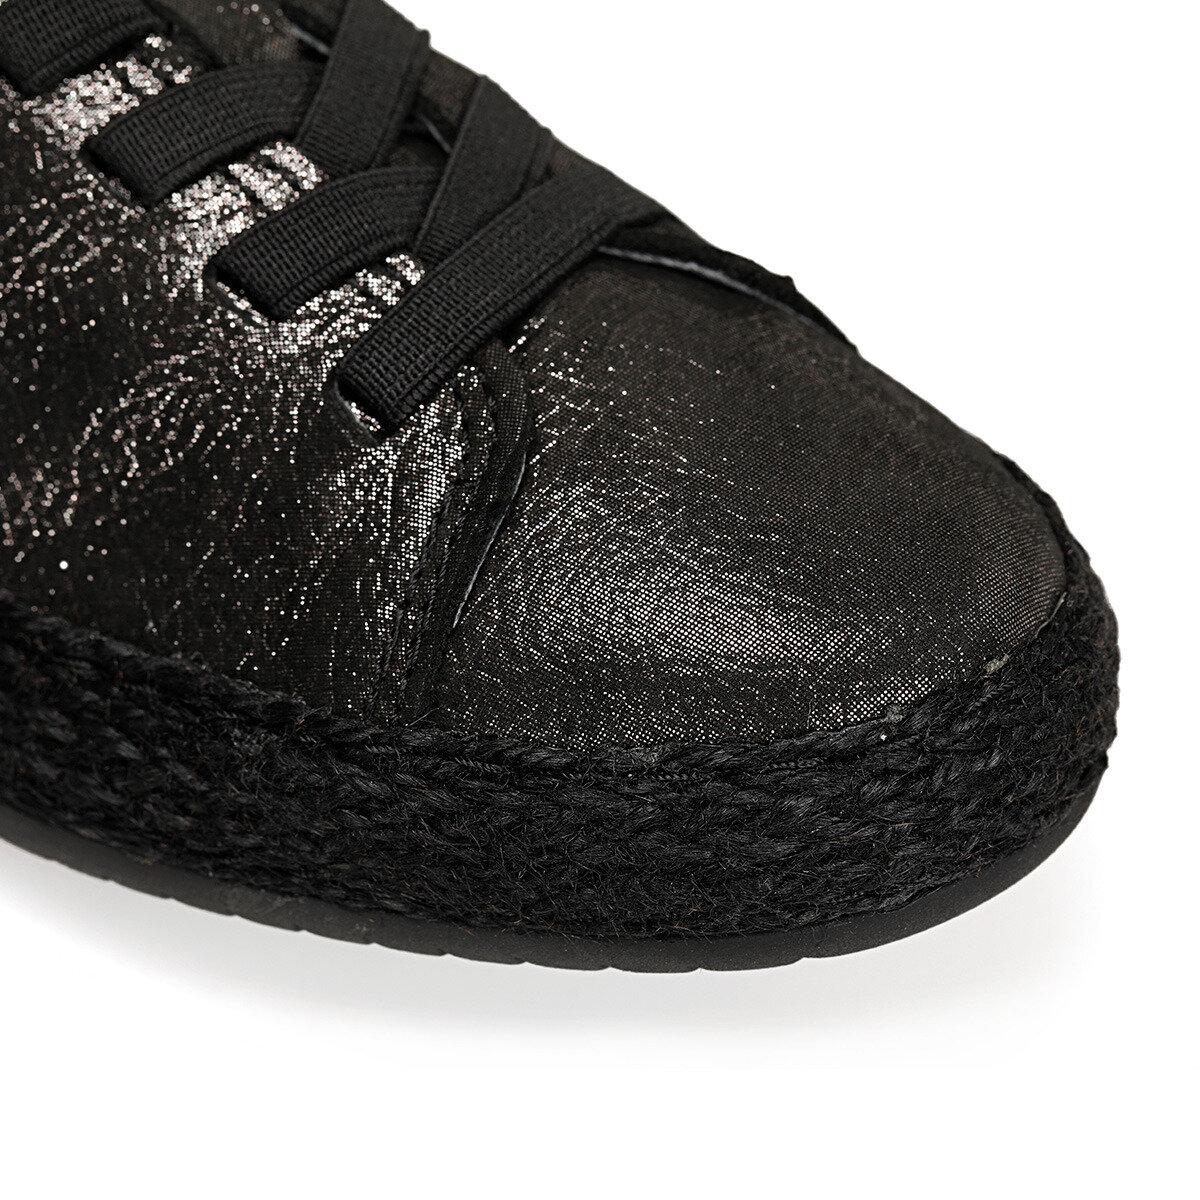 GOYANA Antrasit Kadın Spor Ayakkabı